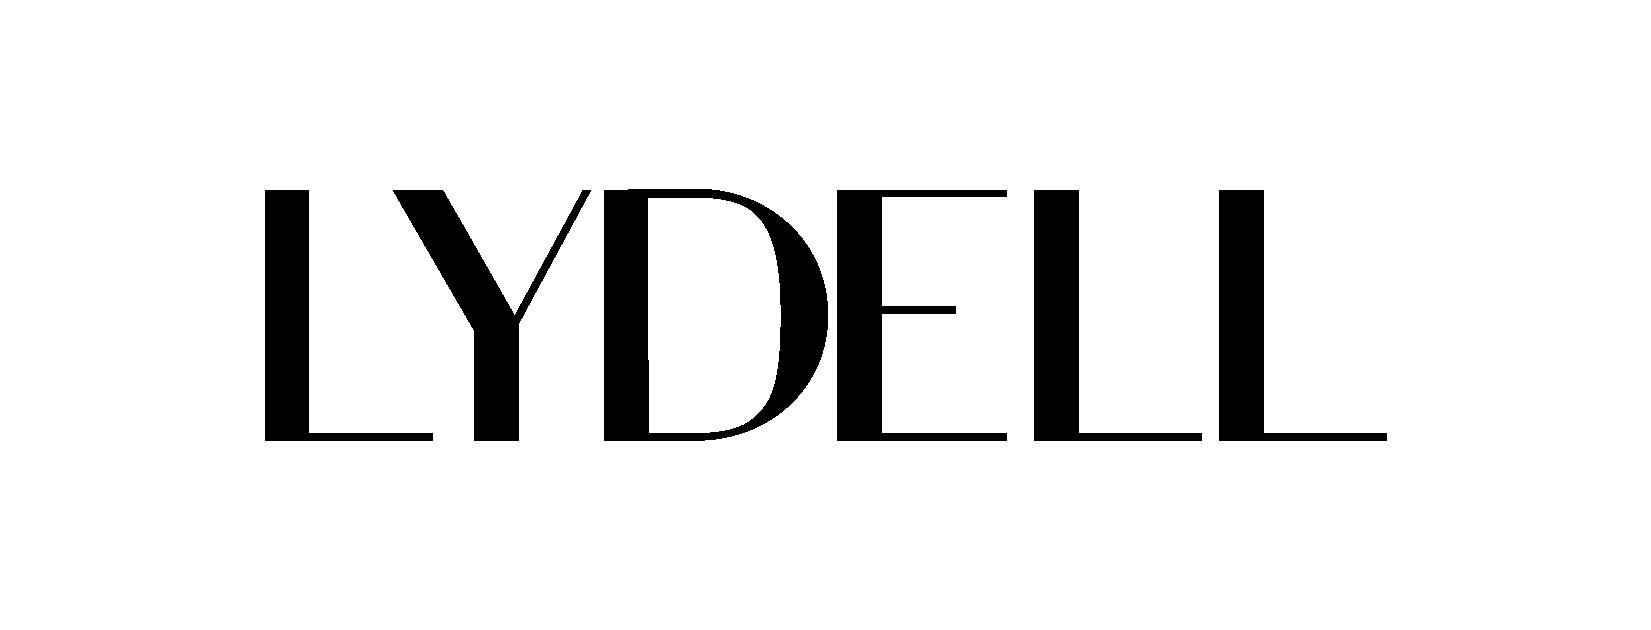 180723 GAG Logos-04